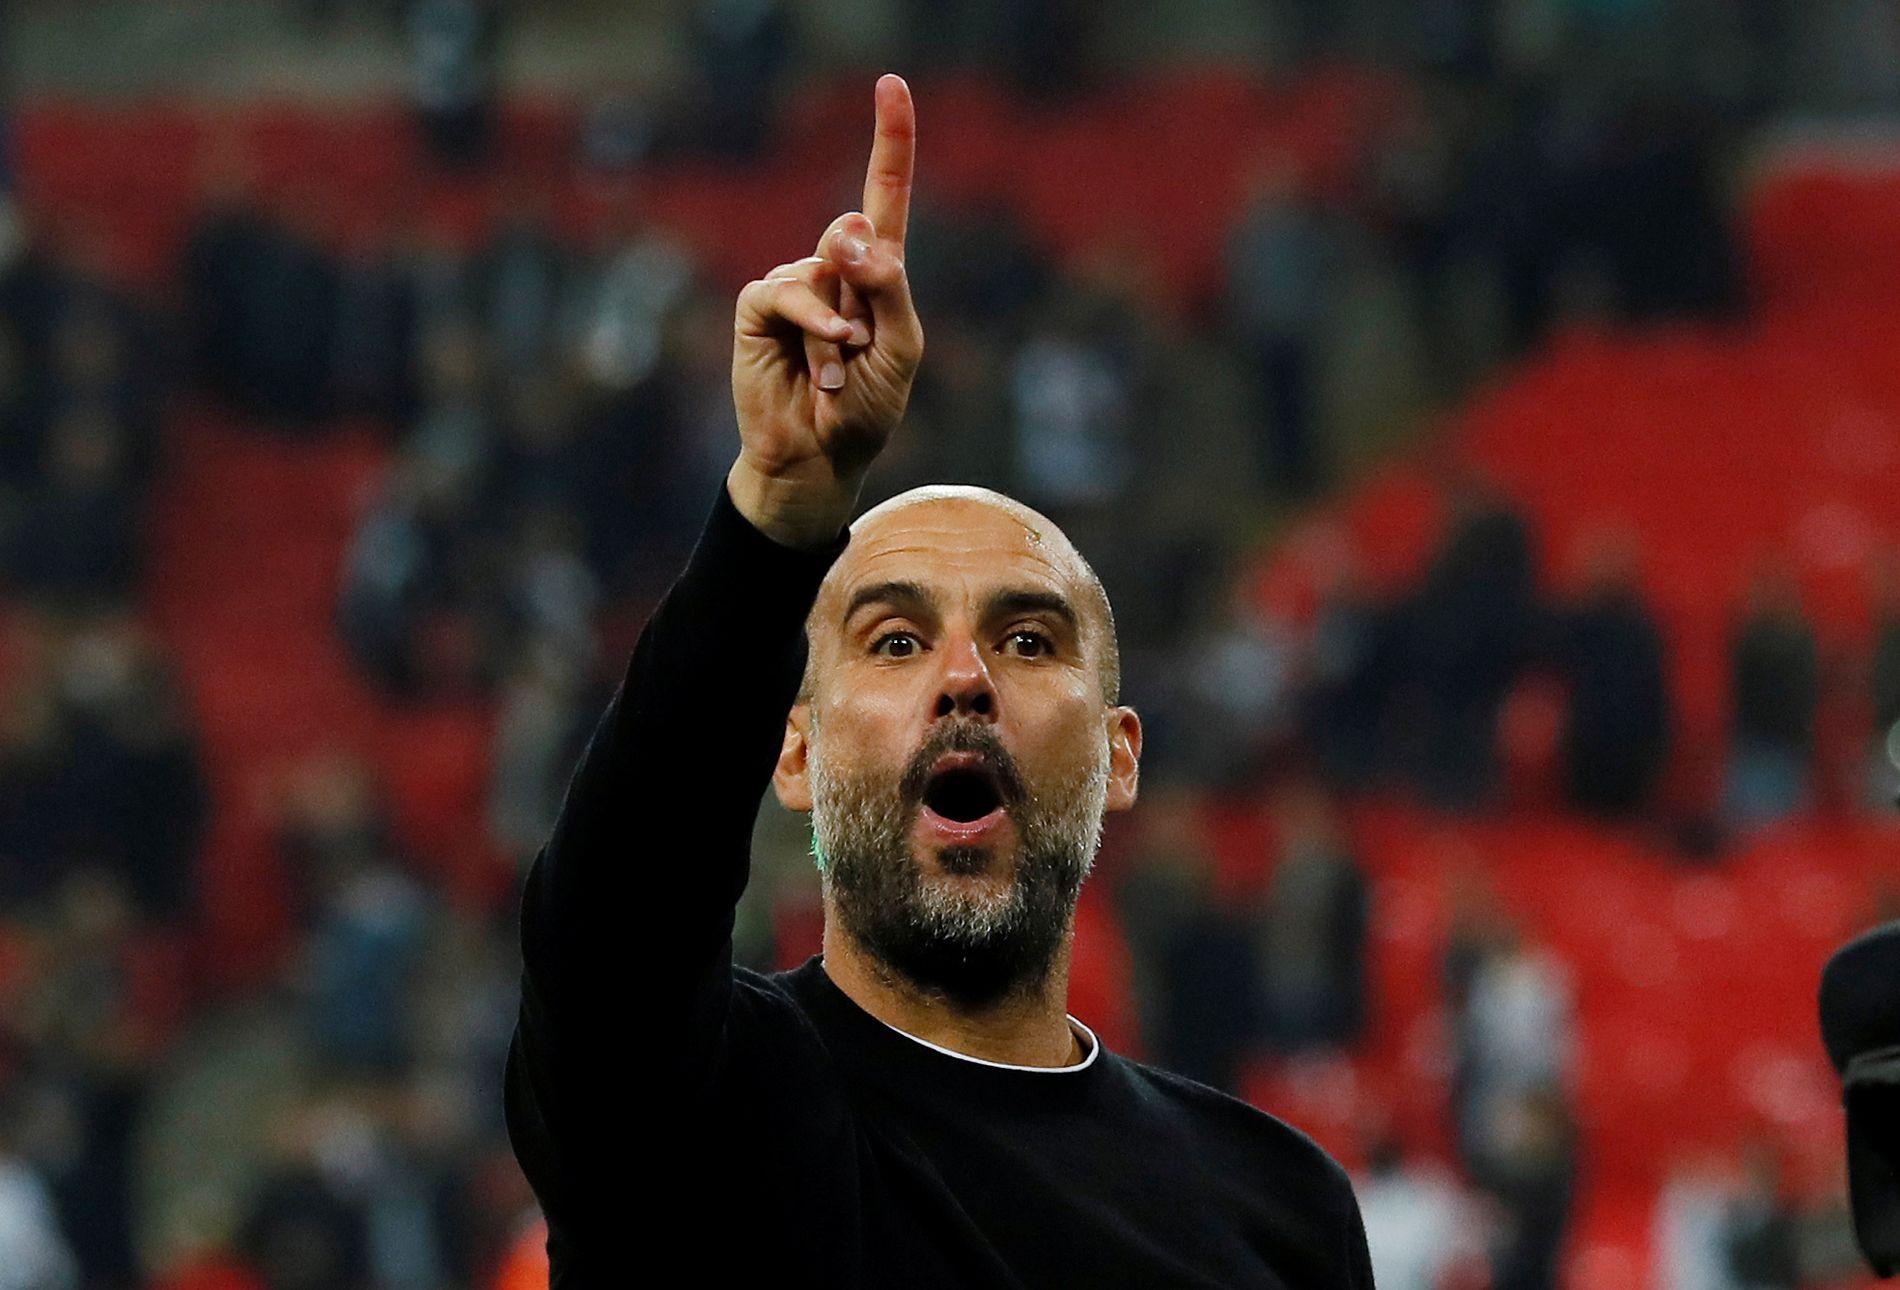 NUMMER ÉN: Pep Guardiola med én finger i været for hvilken plass Manchester City er på tabellen.